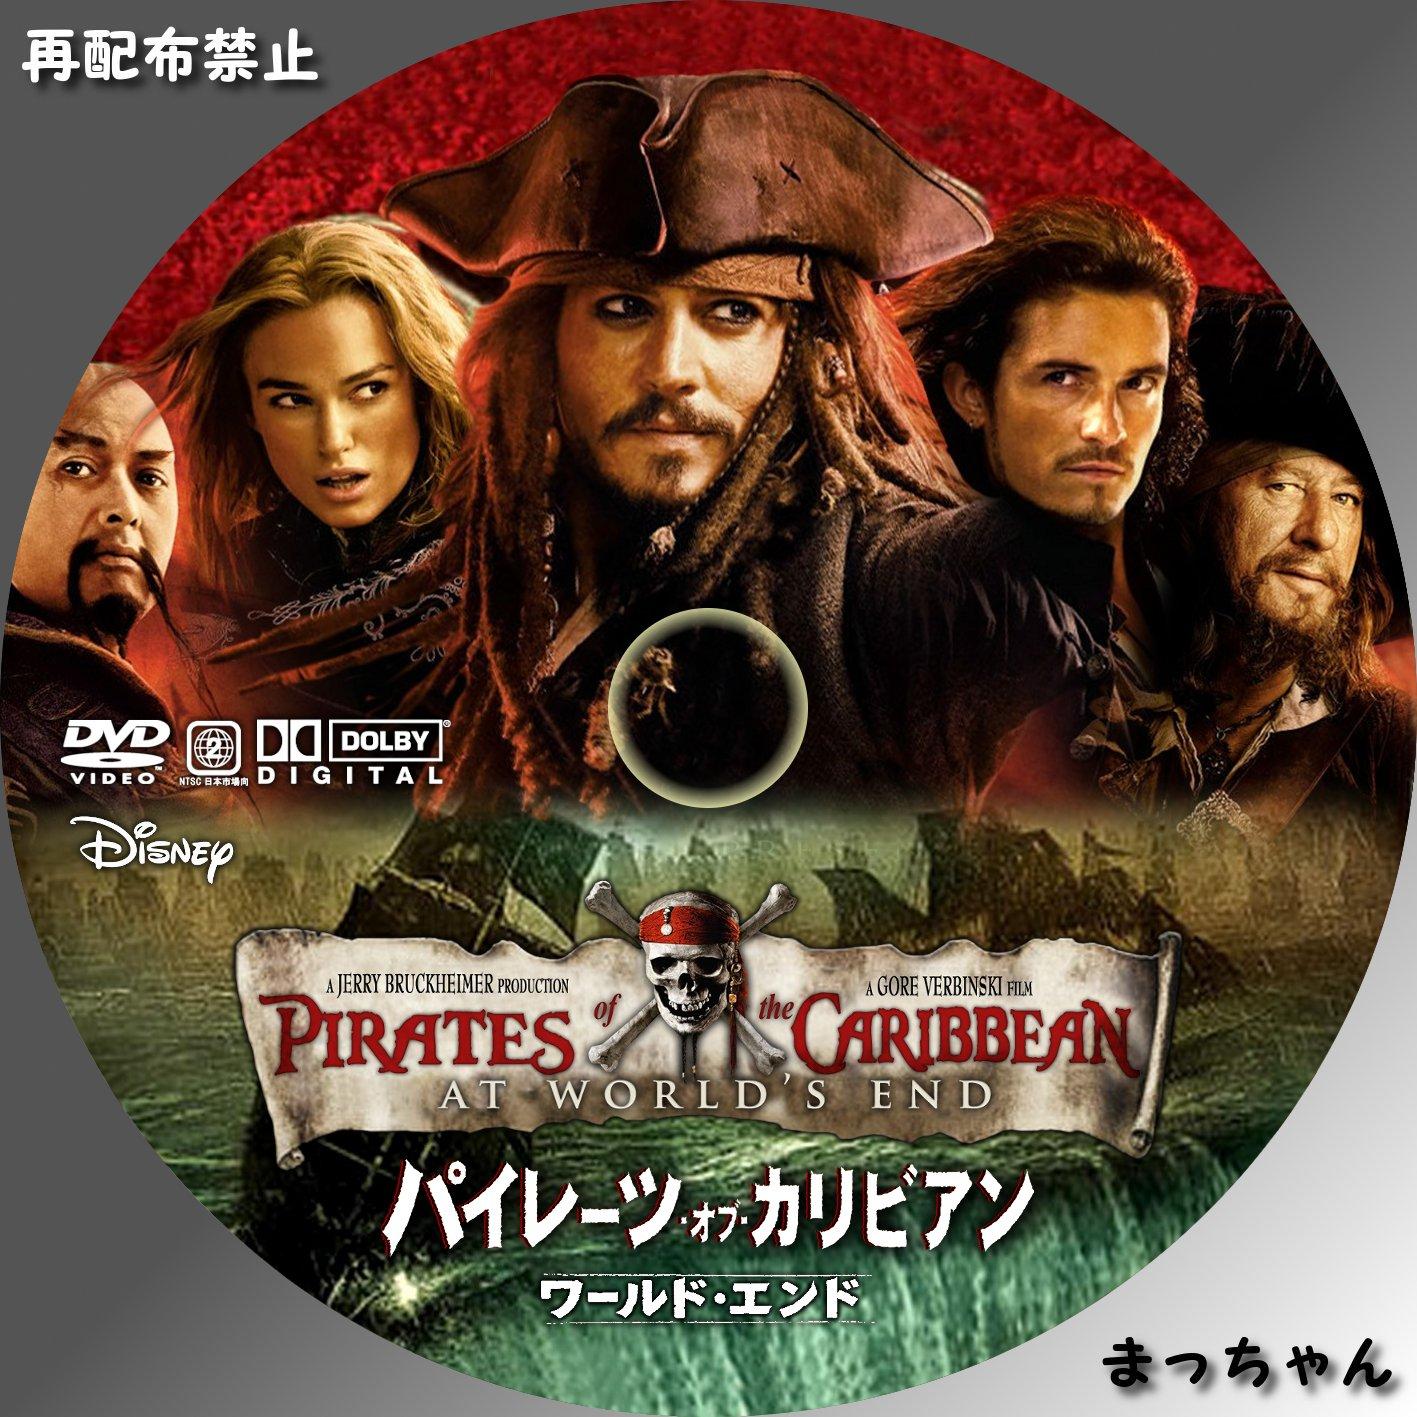 パイレーツ・オブ・カリビアン まっちゃんの☆自作DVDラベル☆